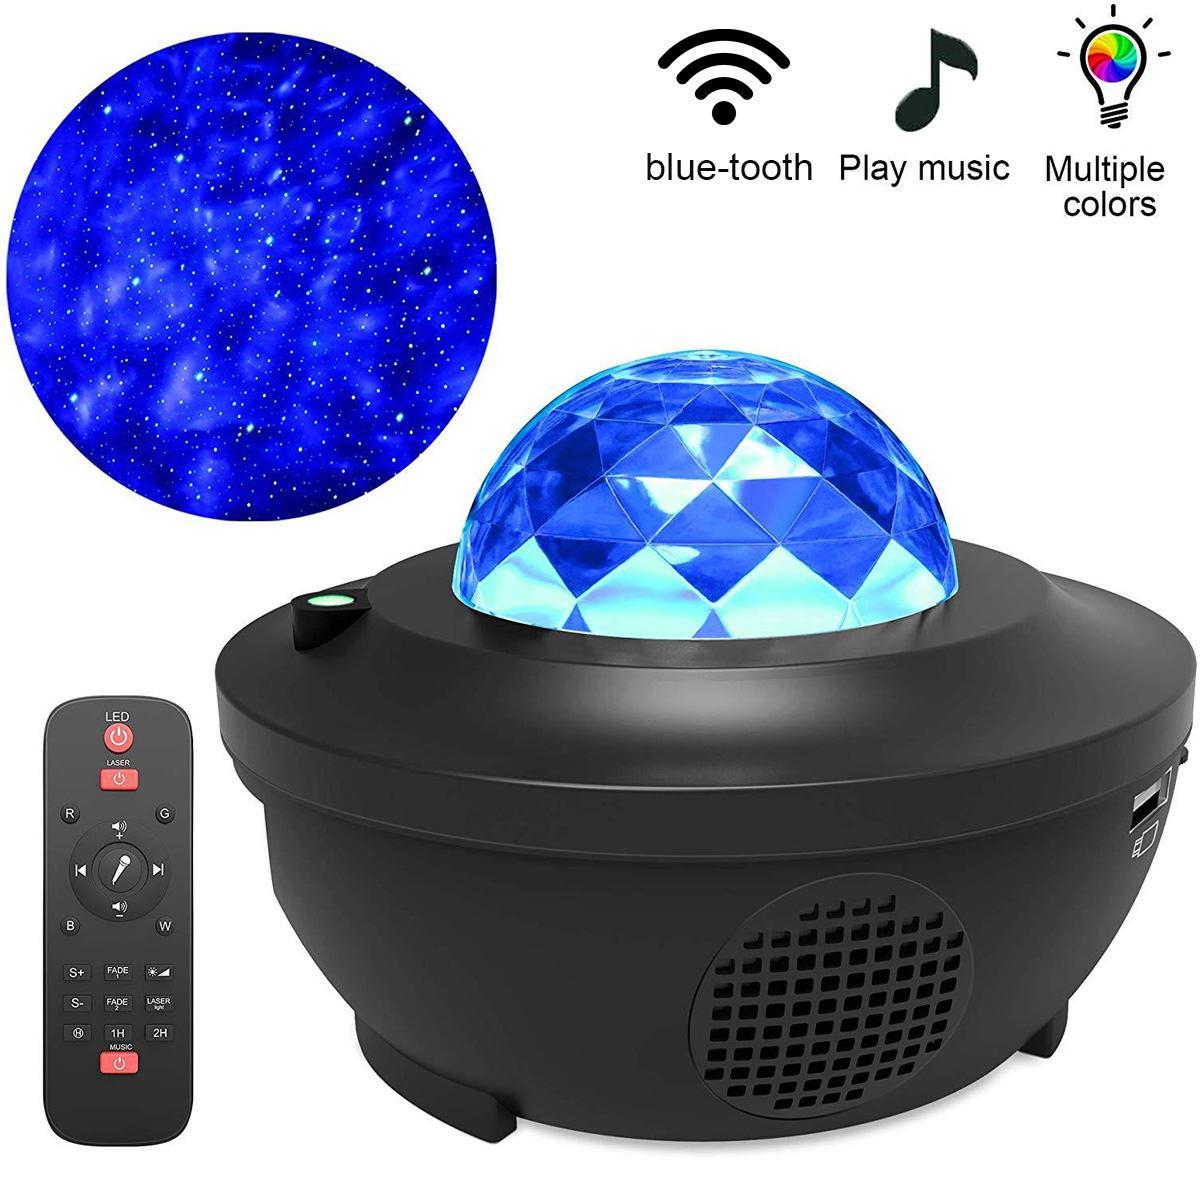 Proyector LED Galaxy blueteeth, altavoz LED, luz nocturna, colorido, cielo estrellado, Control de voz, reproductor de música, lámpara de proyección romántica